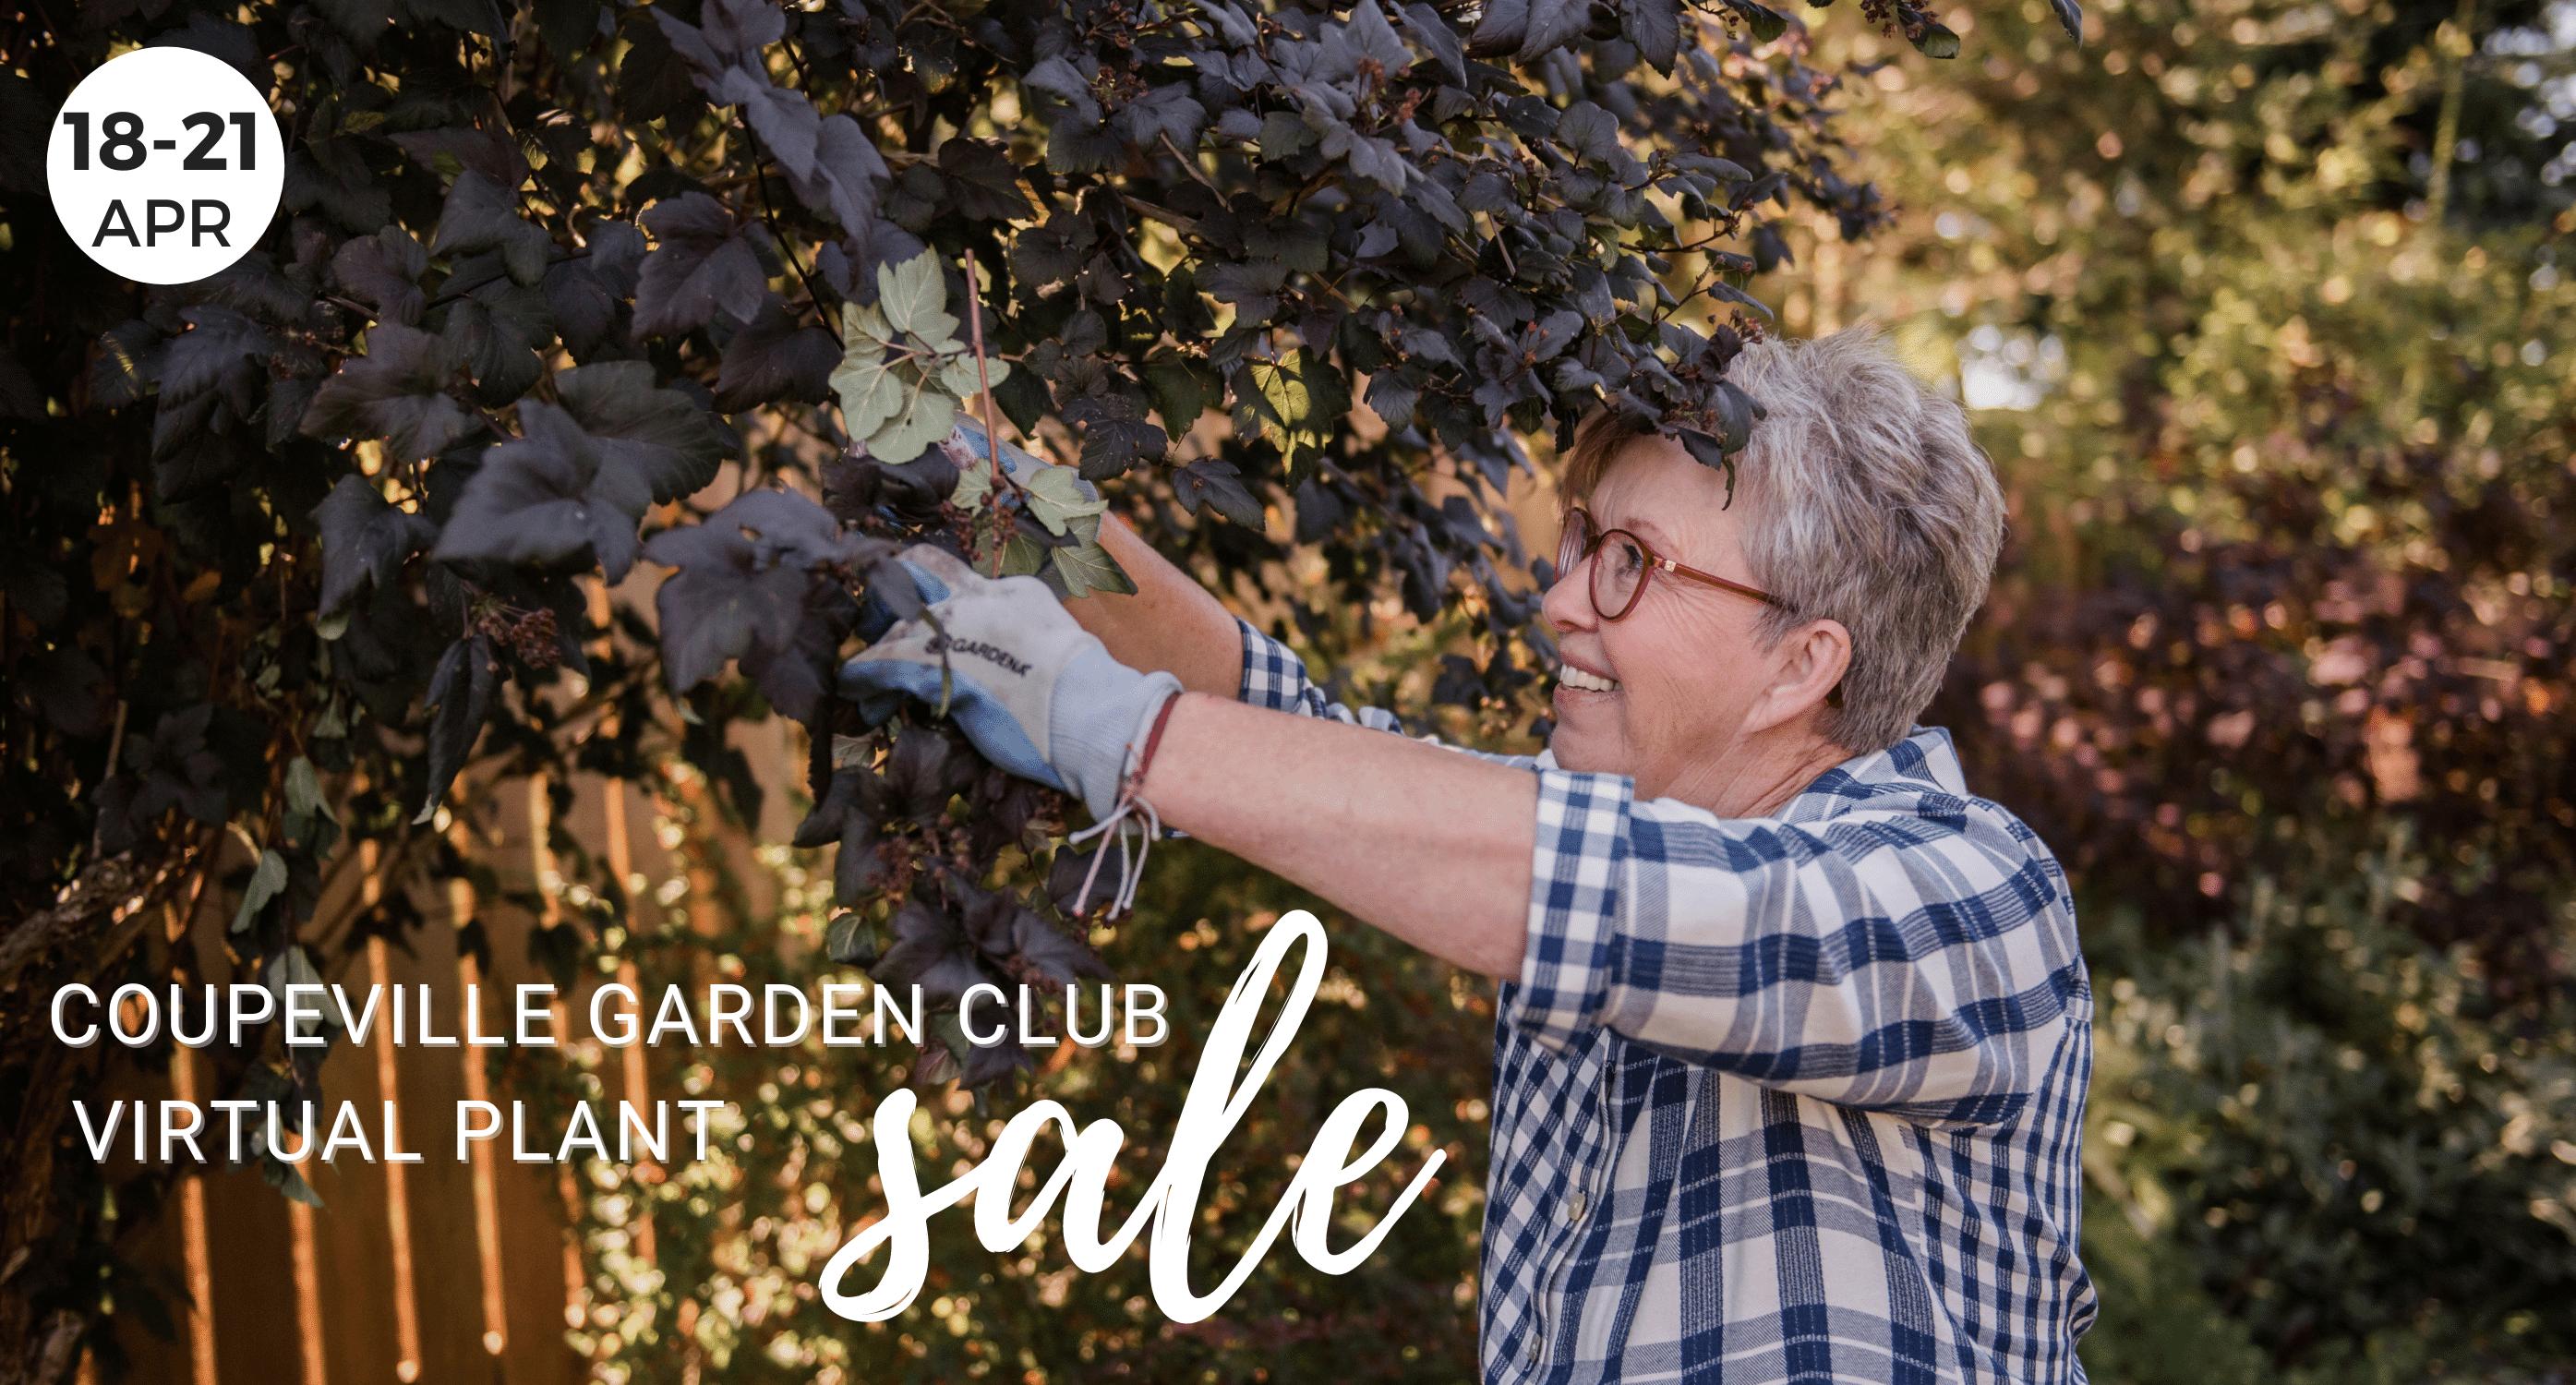 Coupeville Garden Club Virtual Plant Sale